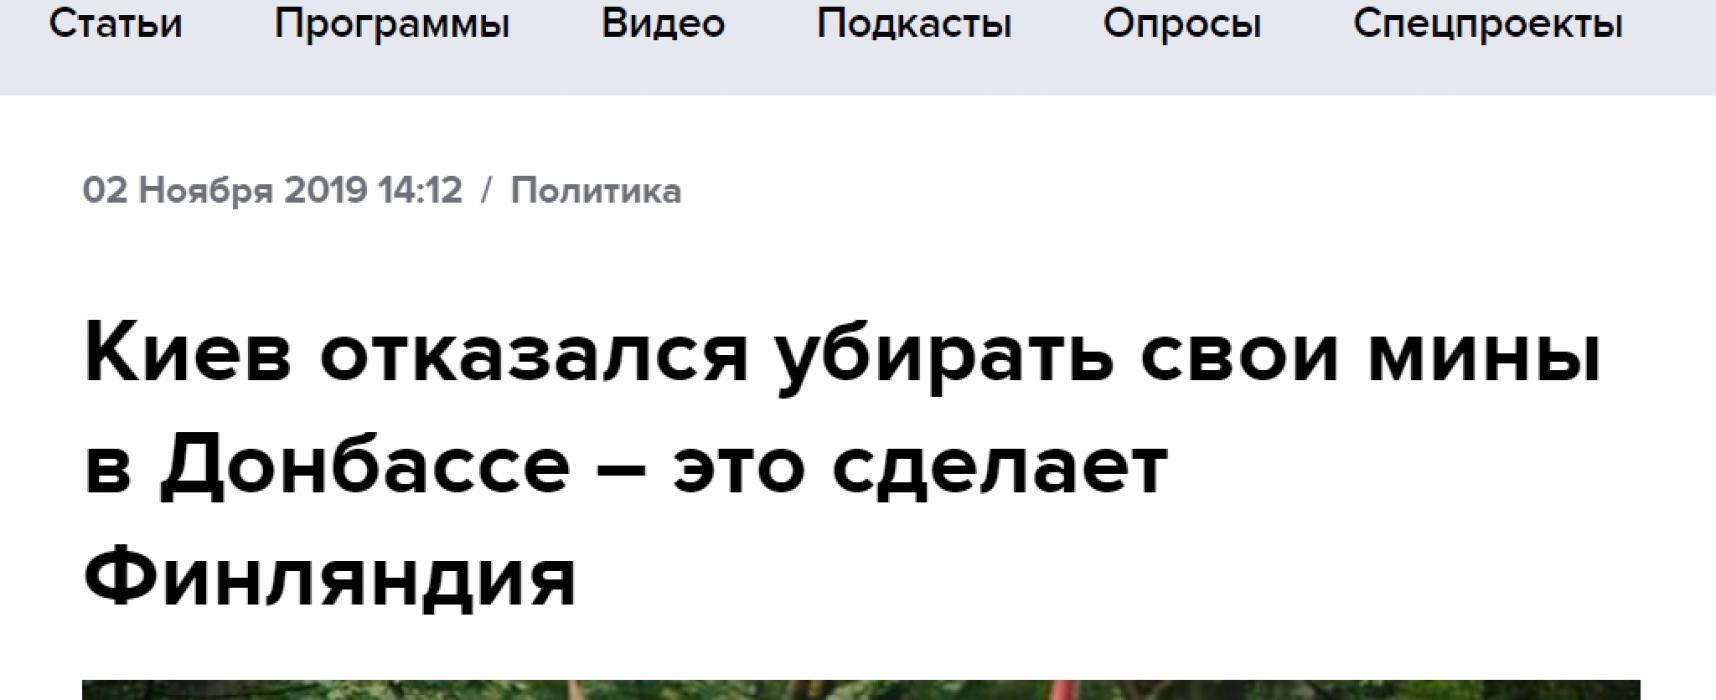 Фейк: Київ відмовився забирати свої міни на Донбасі, це зробить Фінляндія